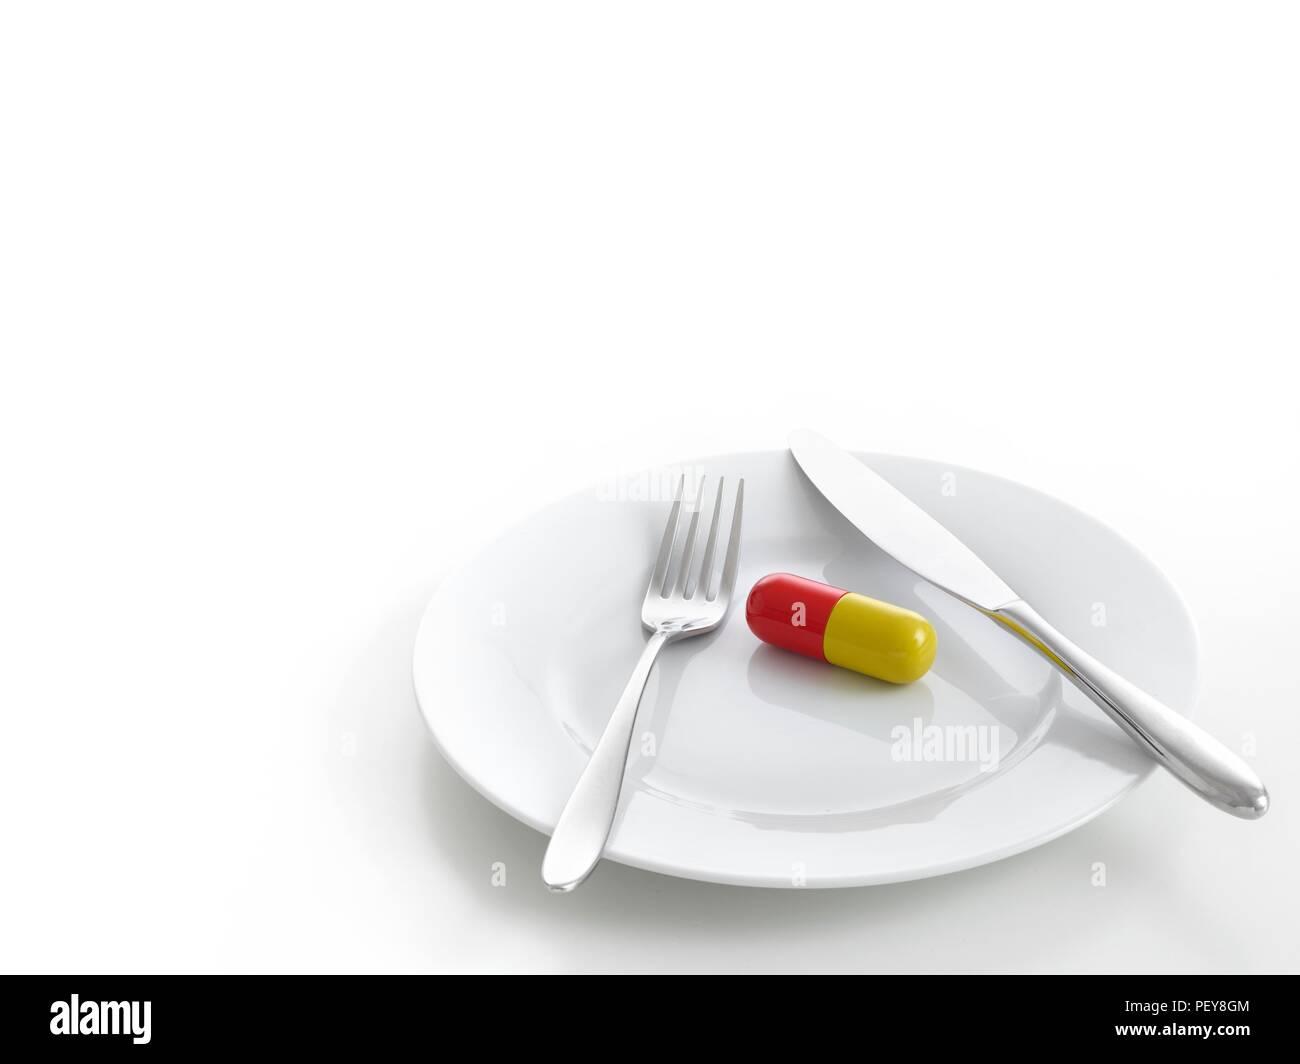 Capsule on dinner plate, studio shot. - Stock Image